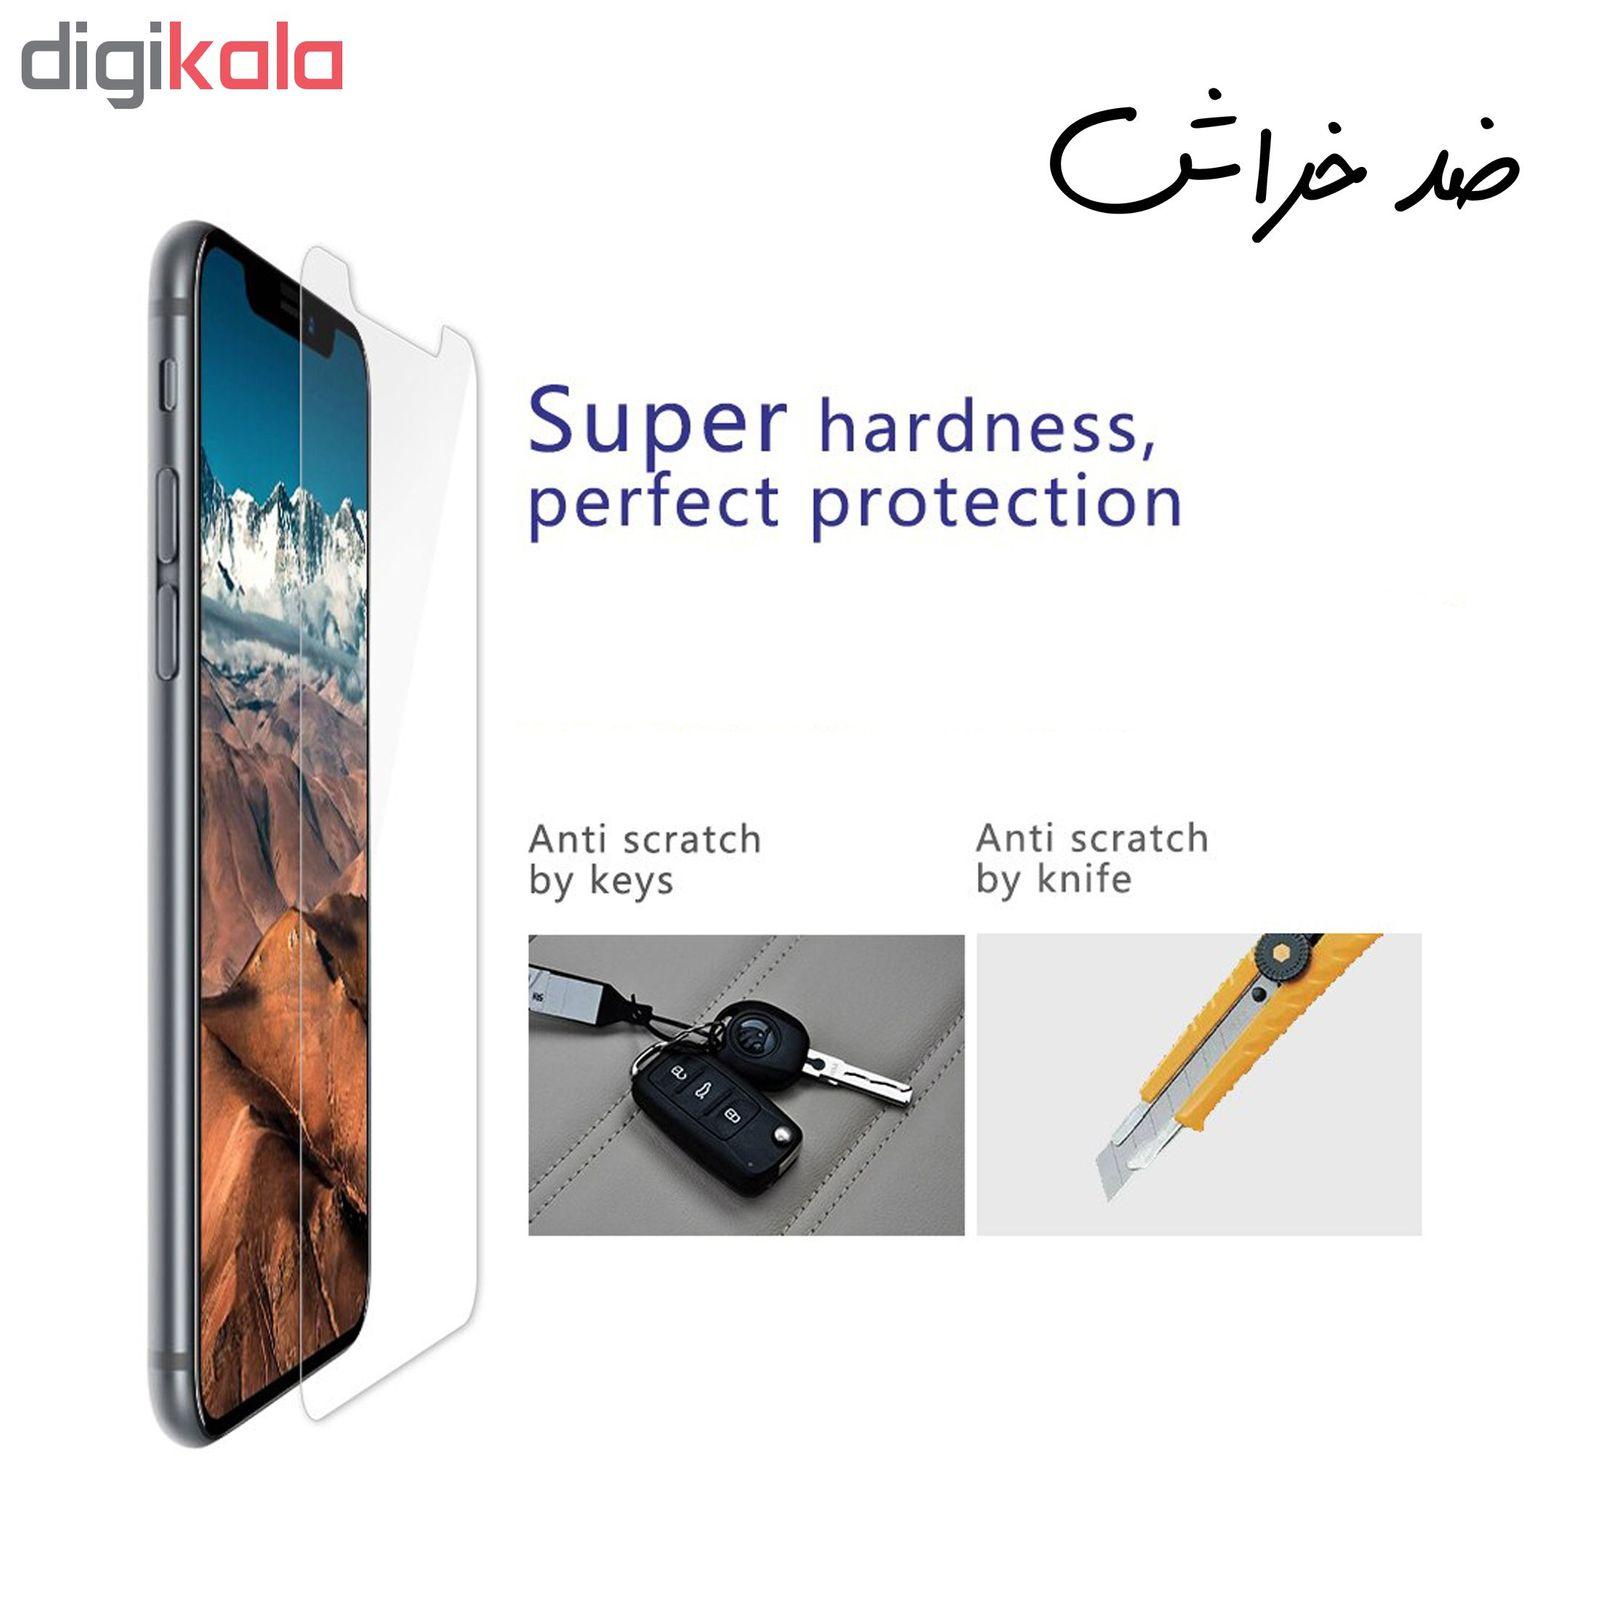 محافظ صفحه نمایش مات Hard and thick مدل F-01 مناسب برای گوشی موبایل سامسونگ Galaxy A50 main 1 5